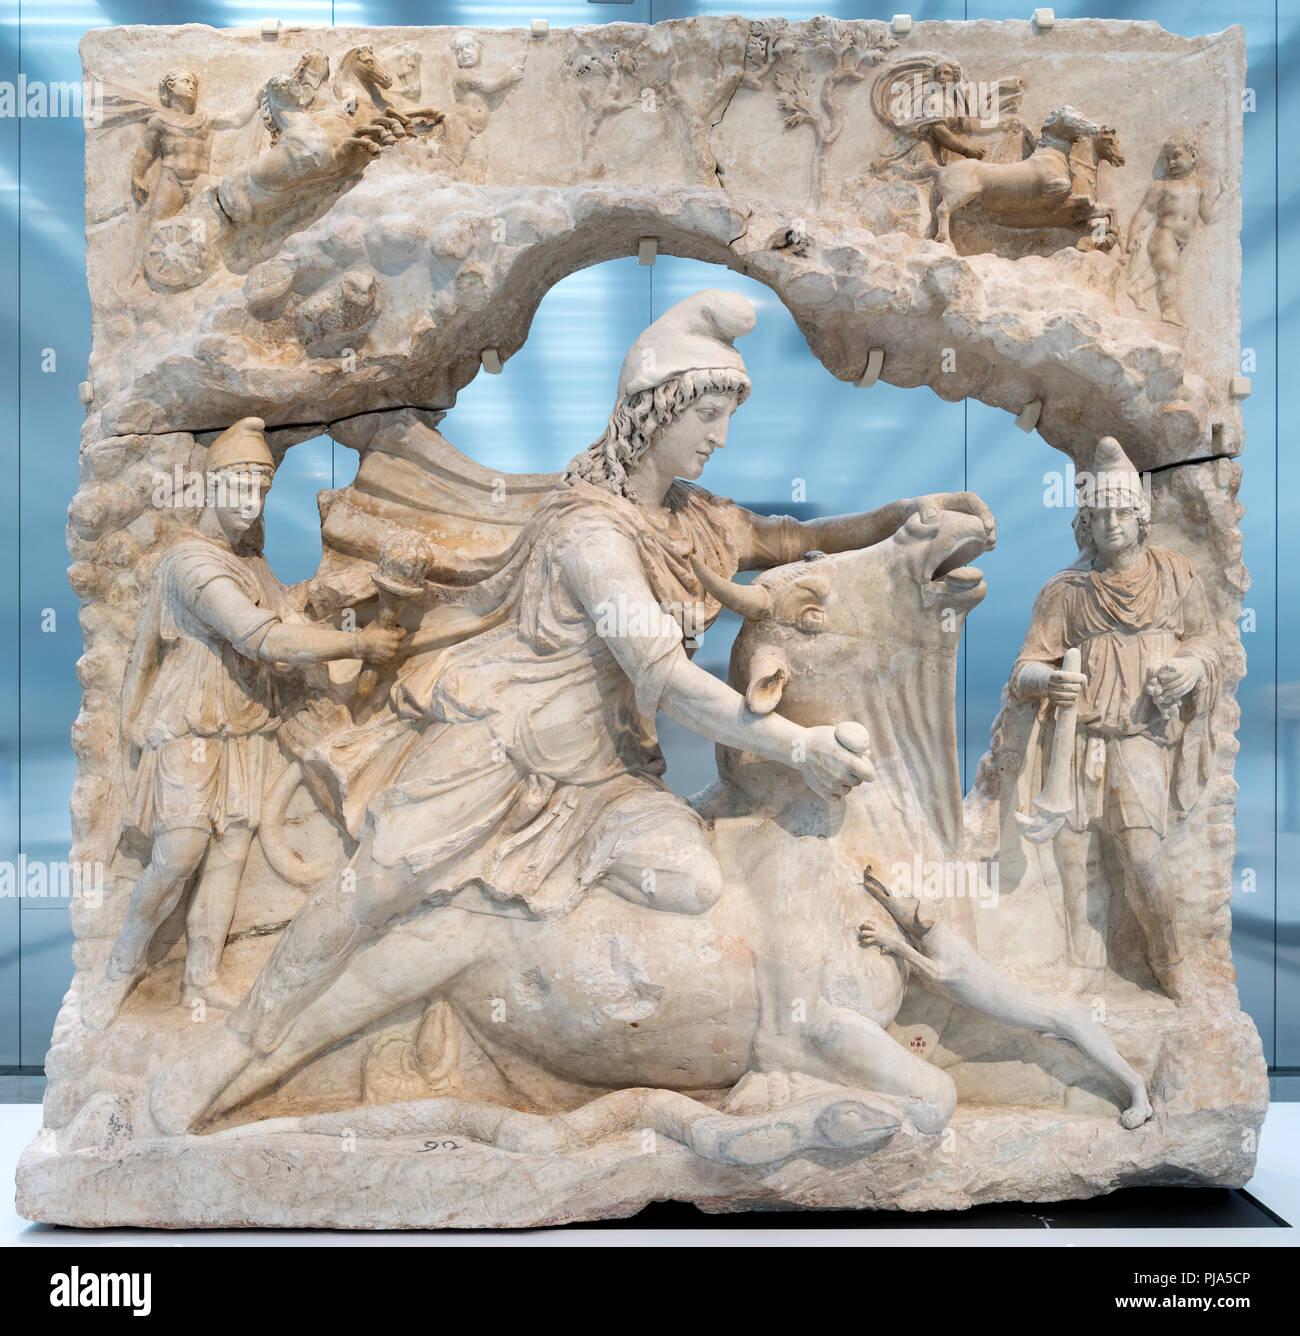 Relief von Mithra, die persischen Sonnengottes, opferten einen Stier. Aus der Zeit um 100-200 AD. Stockbild